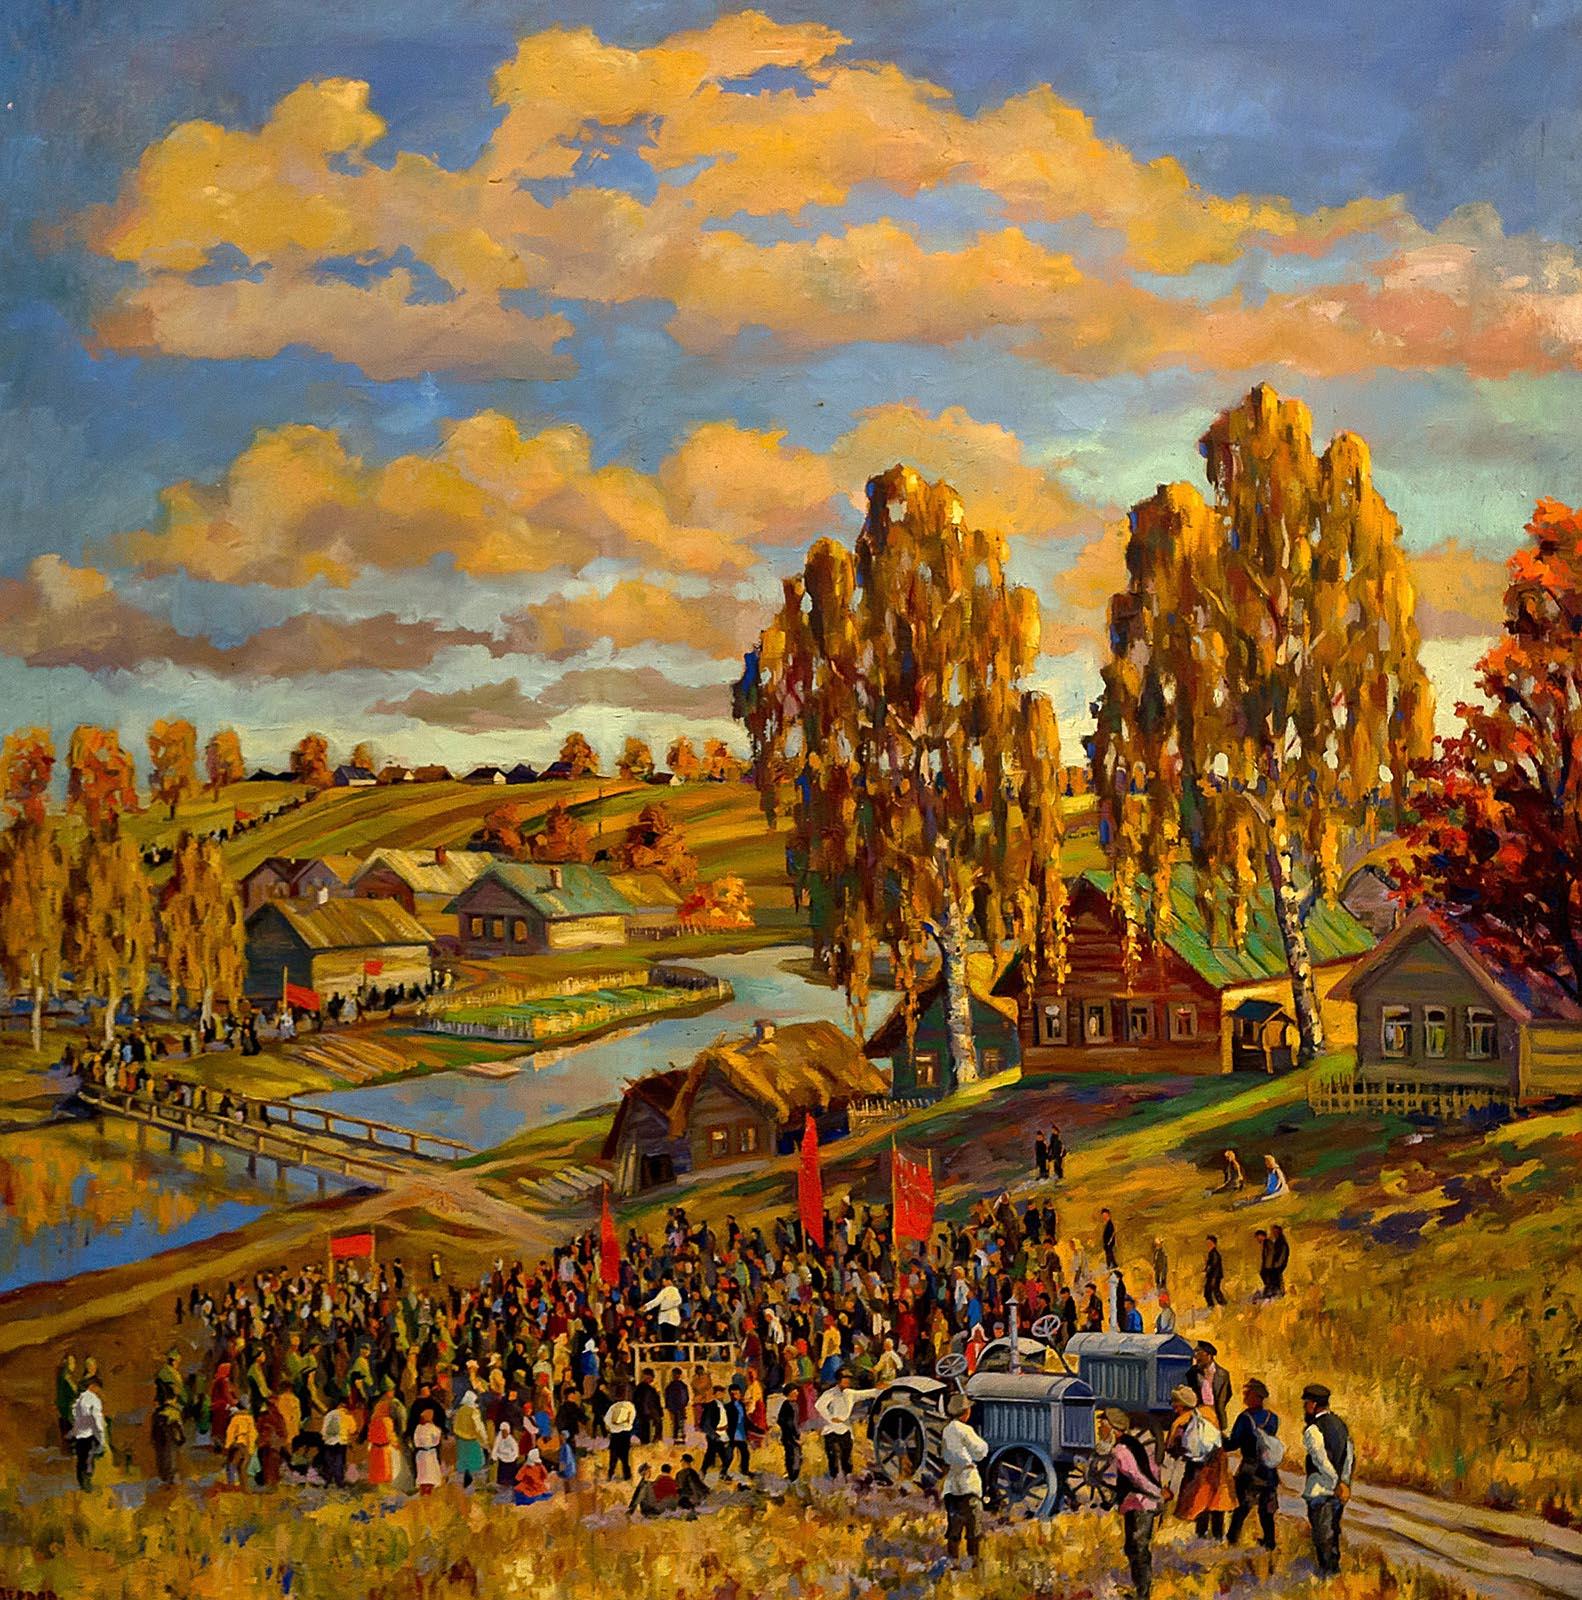 Фото №213651. ПЕРВОВ А.П.1 пол. XX в. ВСТРЕЧА ТРАКТОРОВ. 1930